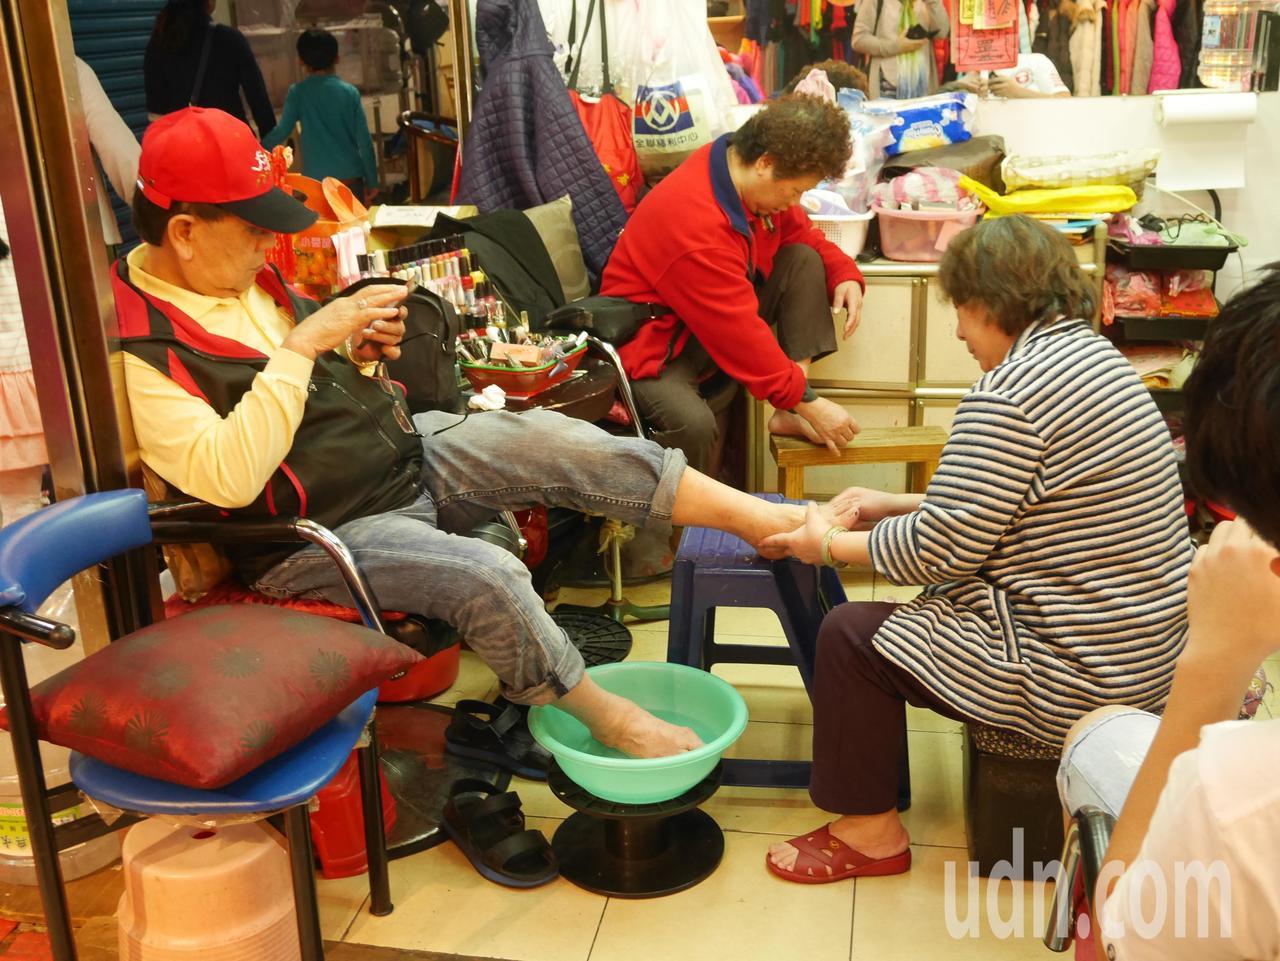 基隆市仁愛市場是許多隱藏版在地美食的集散地,還有美髮修指甲,賣衣服等,可以逛好久...